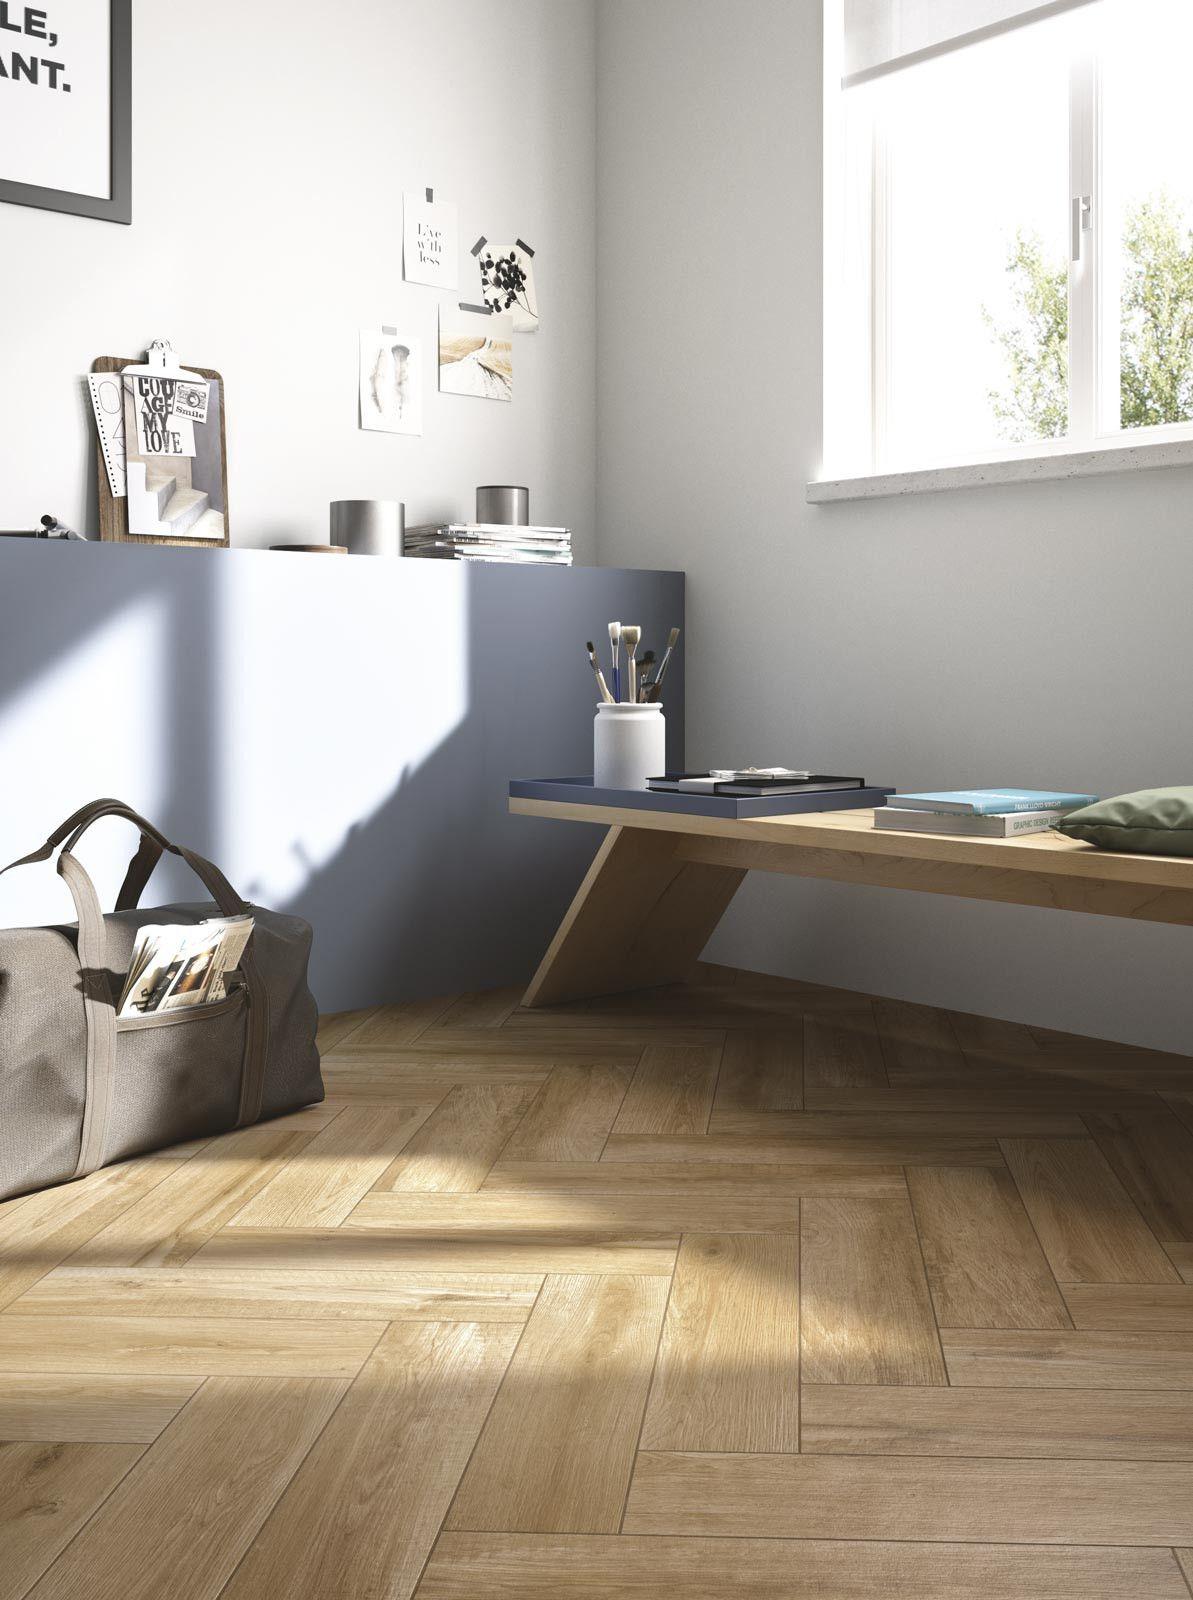 ragno #freetime rovere 12,5x50 cm r44y | #feinsteinzeug #holzoptik, Badezimmer ideen